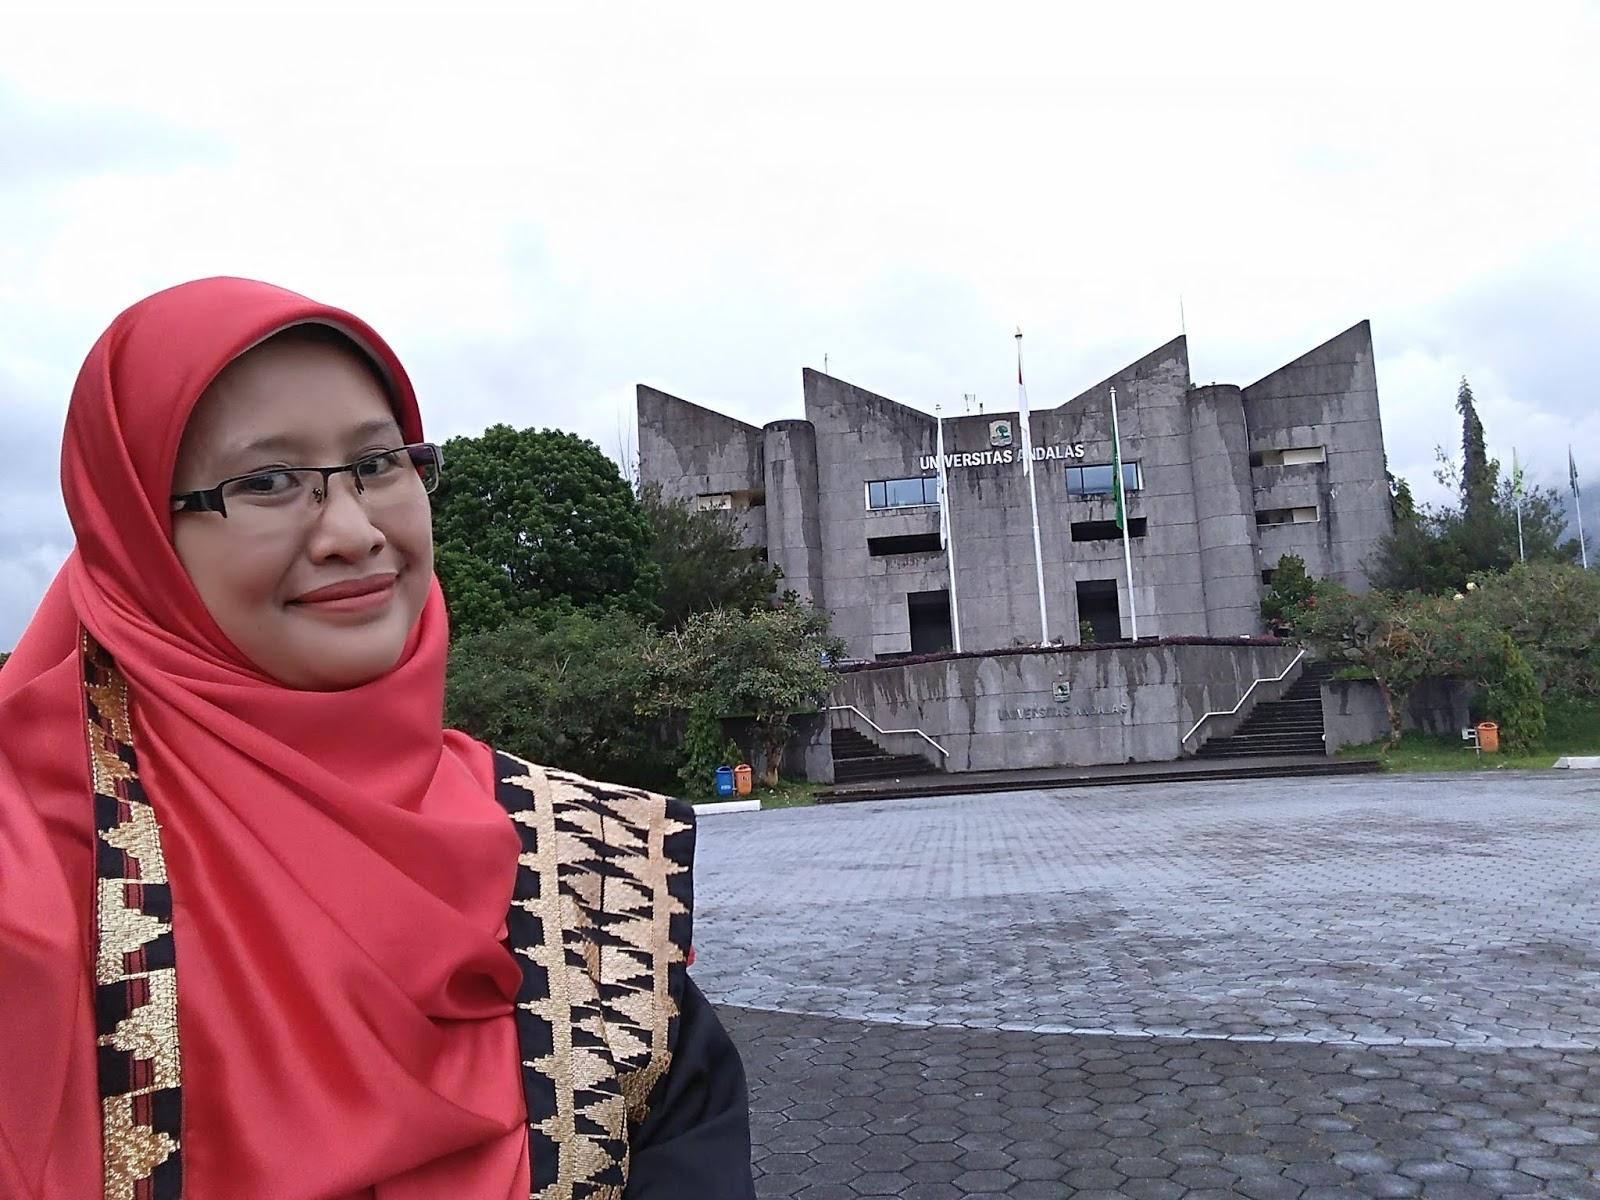 5 Wisata Edukatif Di Kota Padang Jalan Jalan Aisyah